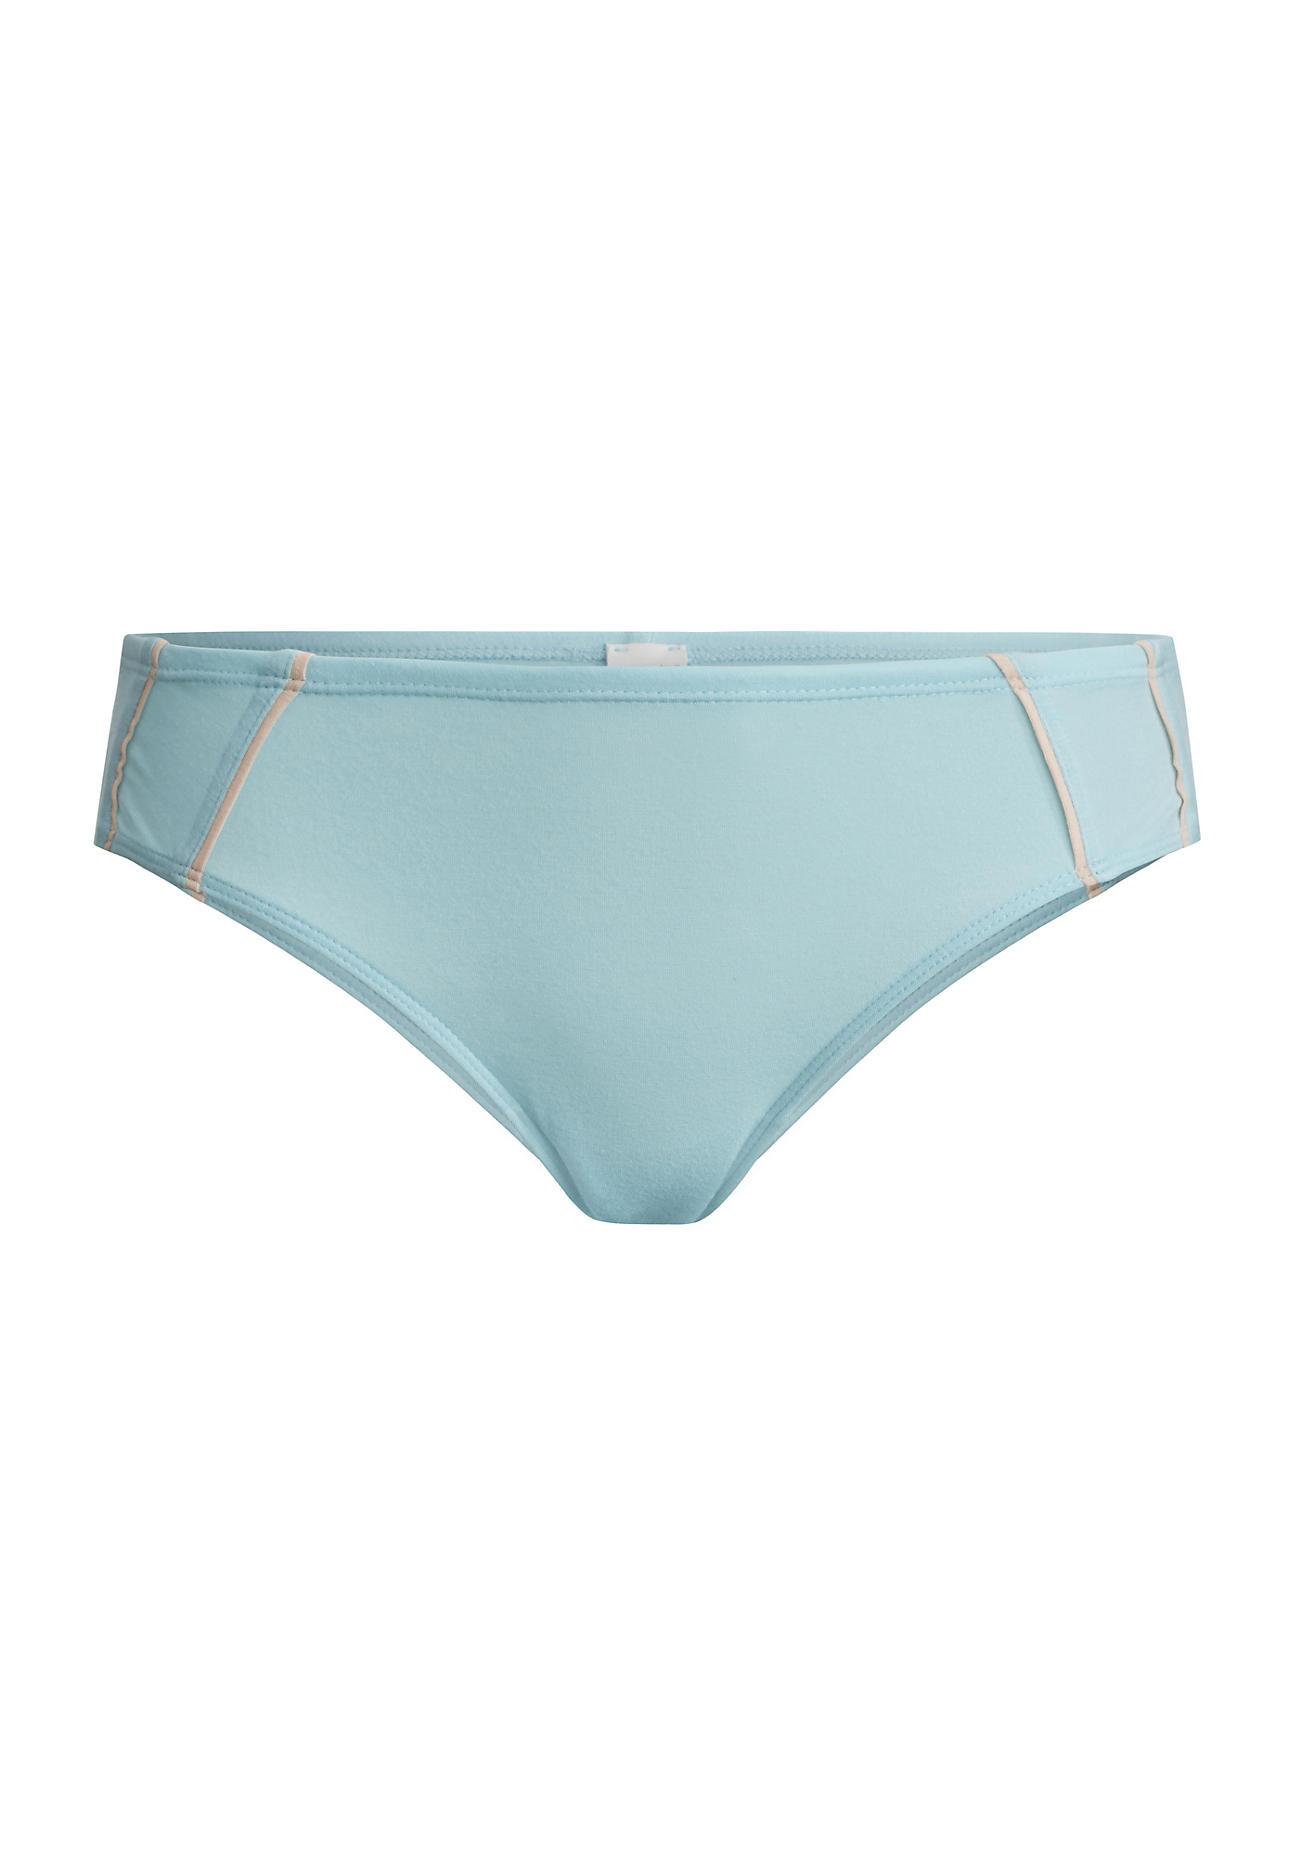 Waesche für Frauen - hessnatur Damen Damen Brazil Slip aus Bio Baumwolle und Modal – blau – Größe 38  - Onlineshop Hessnatur